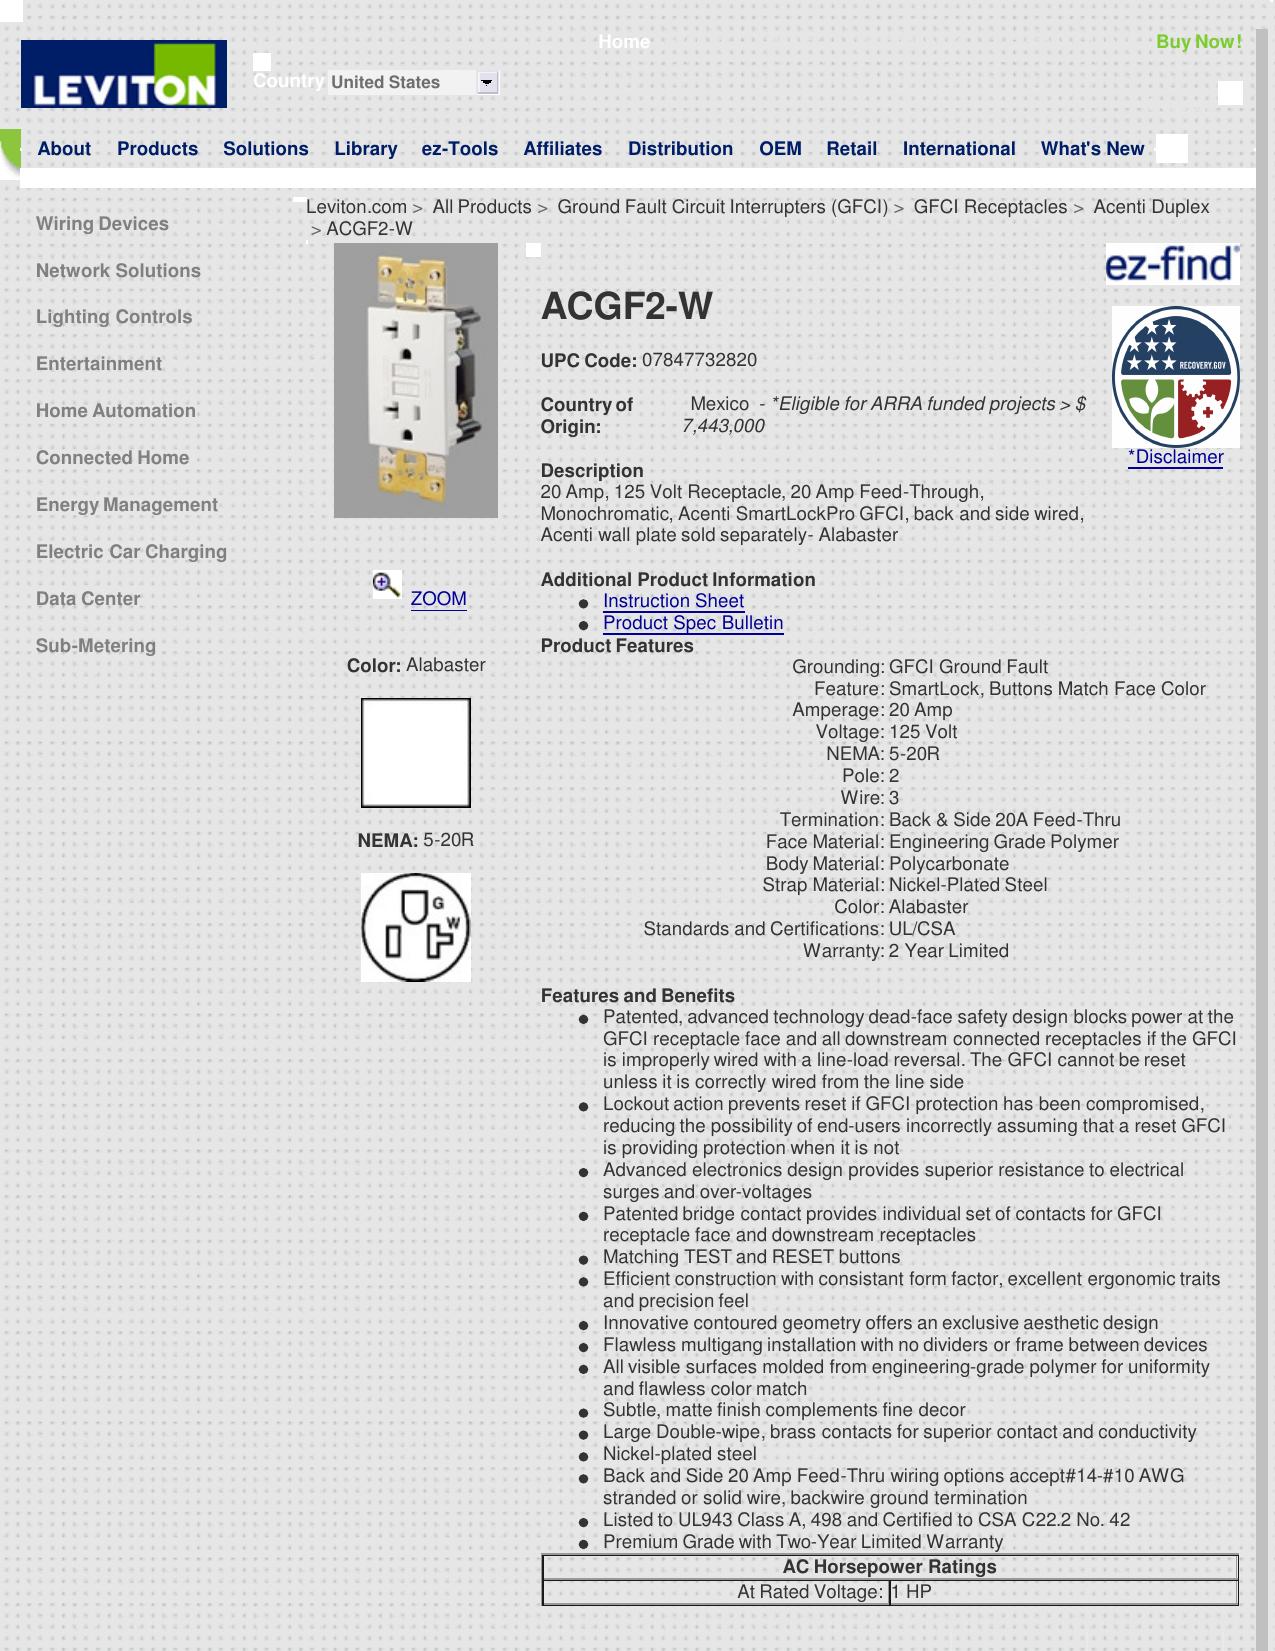 ACGF2-W > Acenti Duplex > GFCI Receptacles on